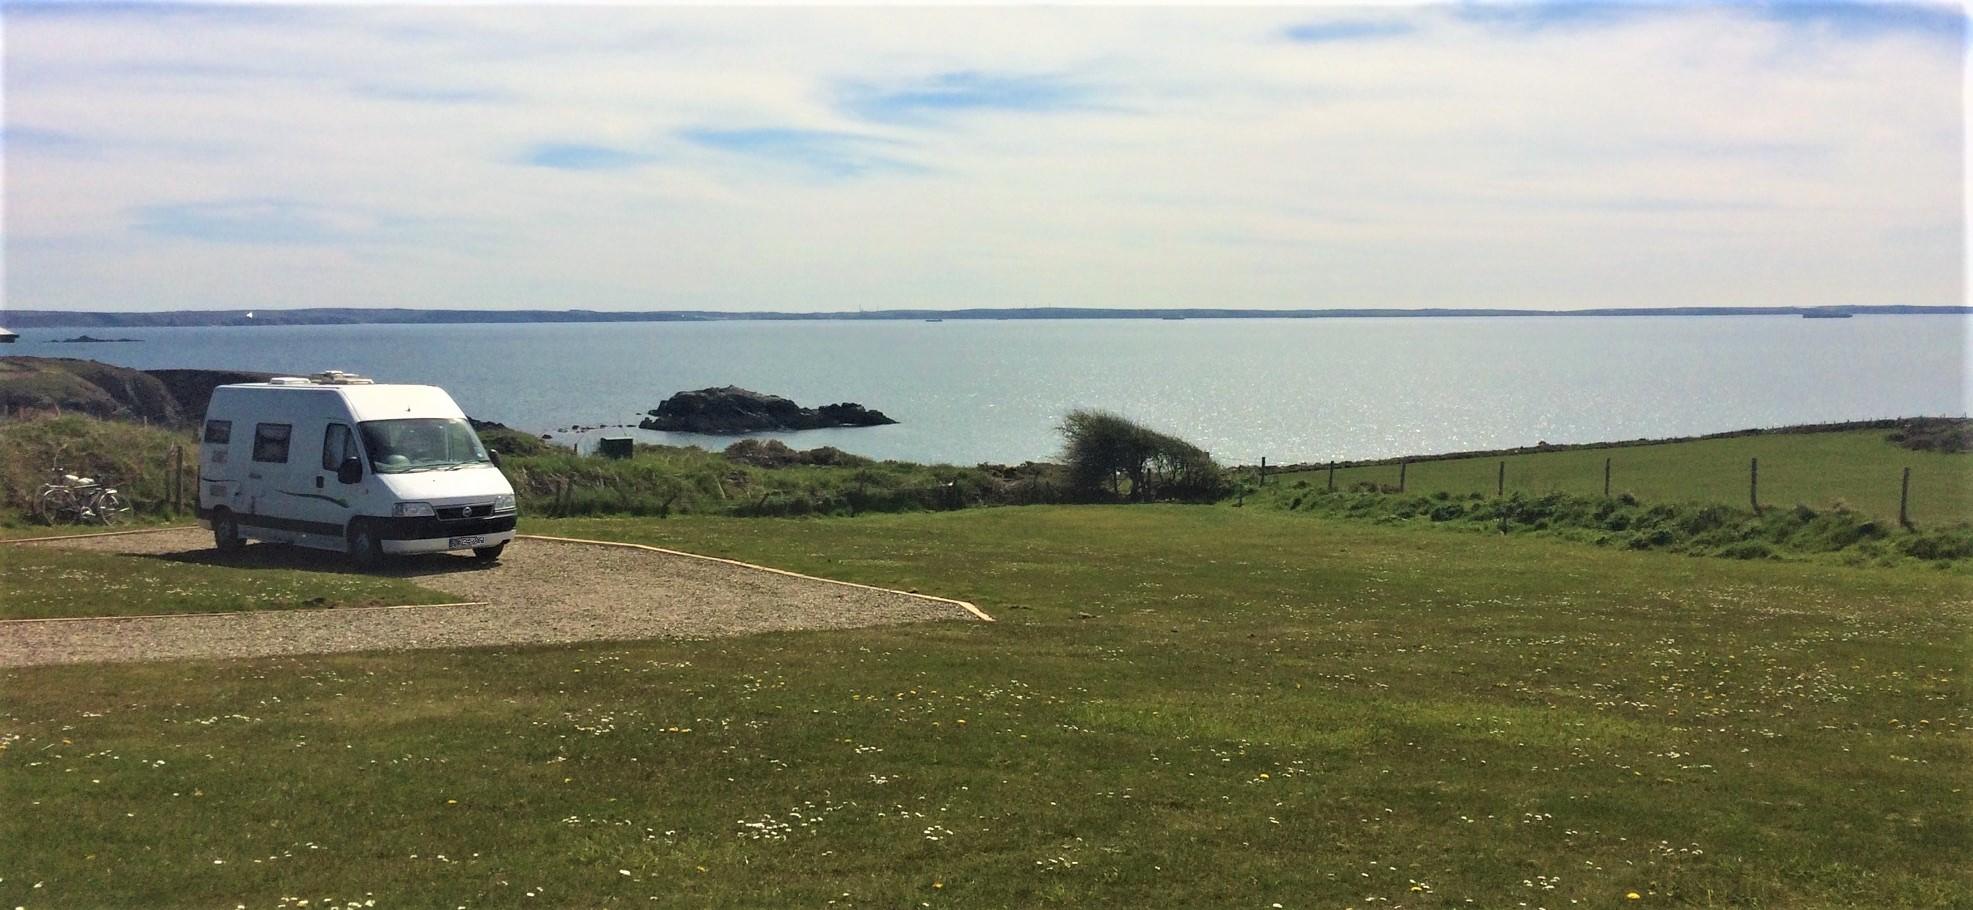 Pitch A5, camping field at Caerfai Bay